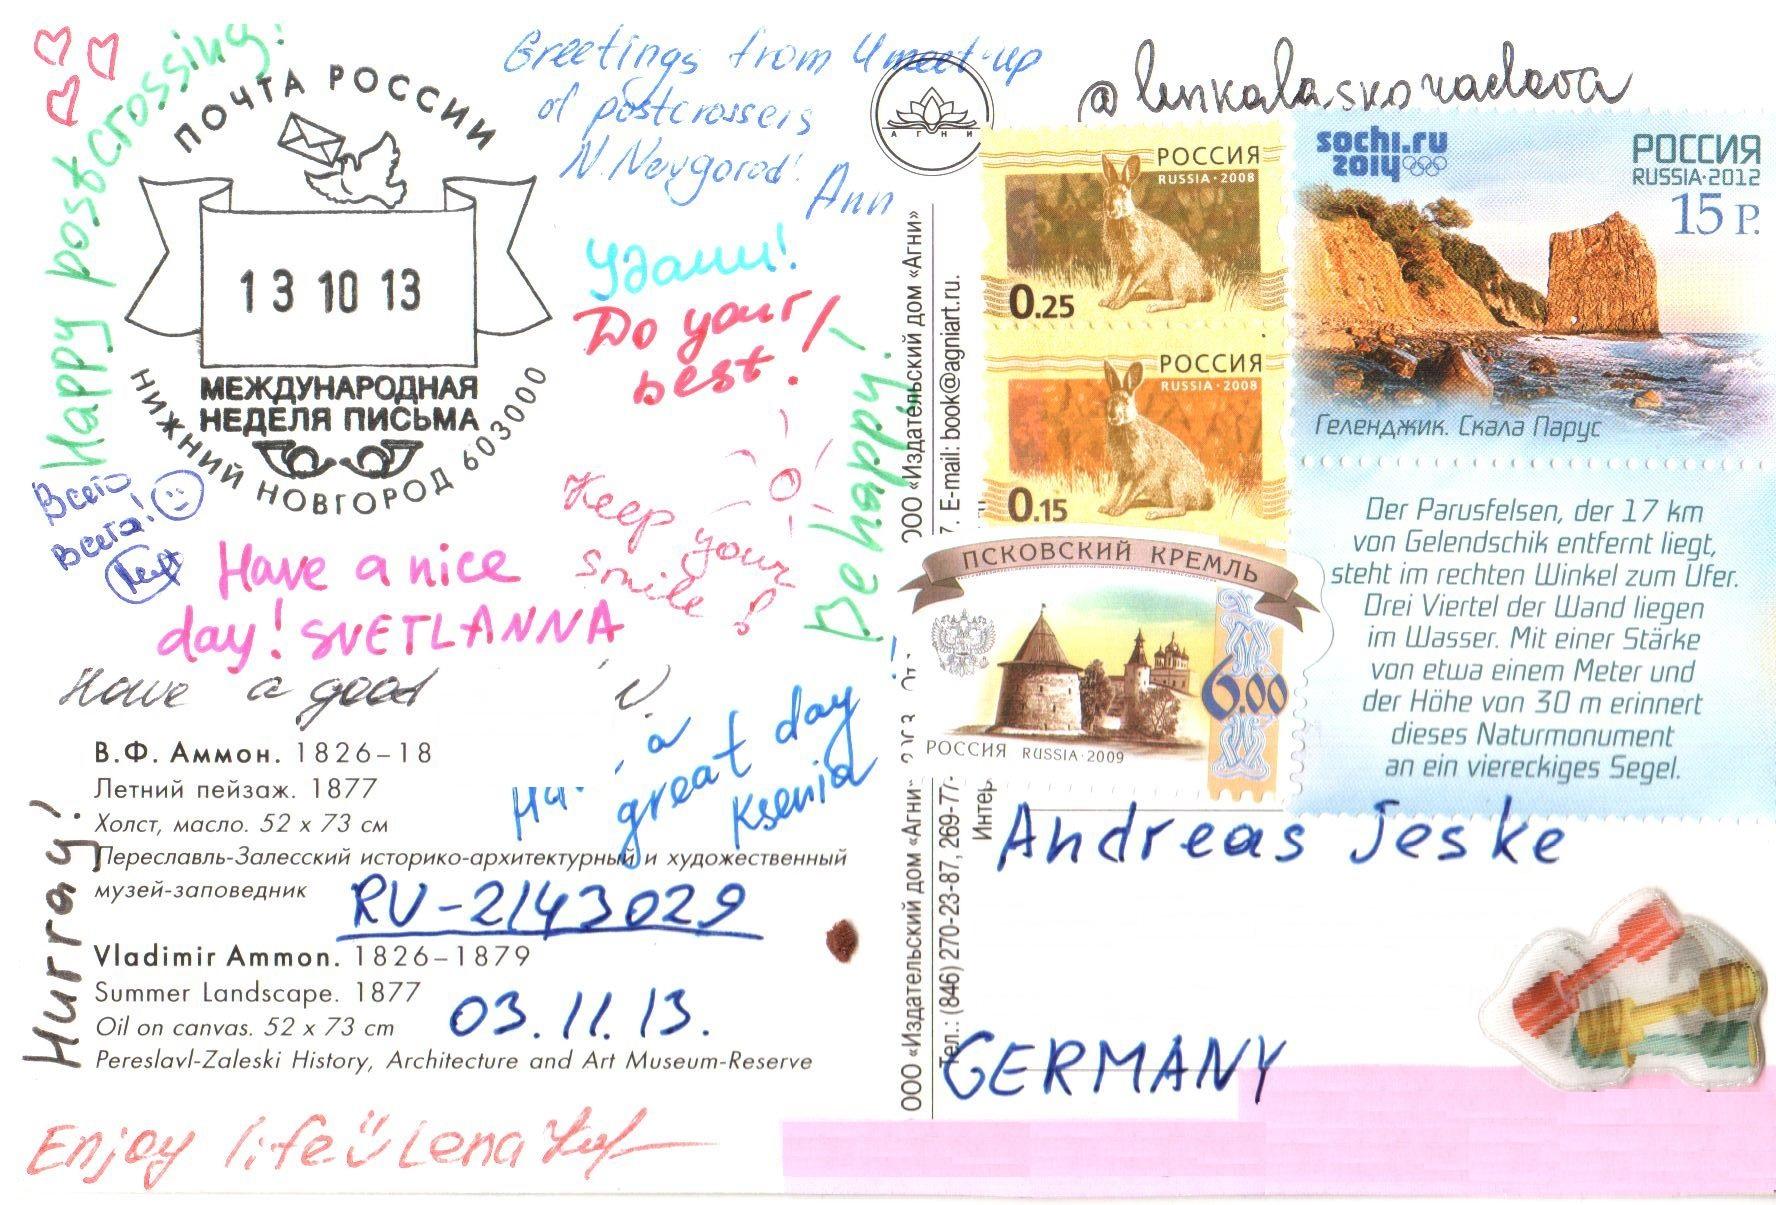 Как отправлять открытку посткроссинг за границу